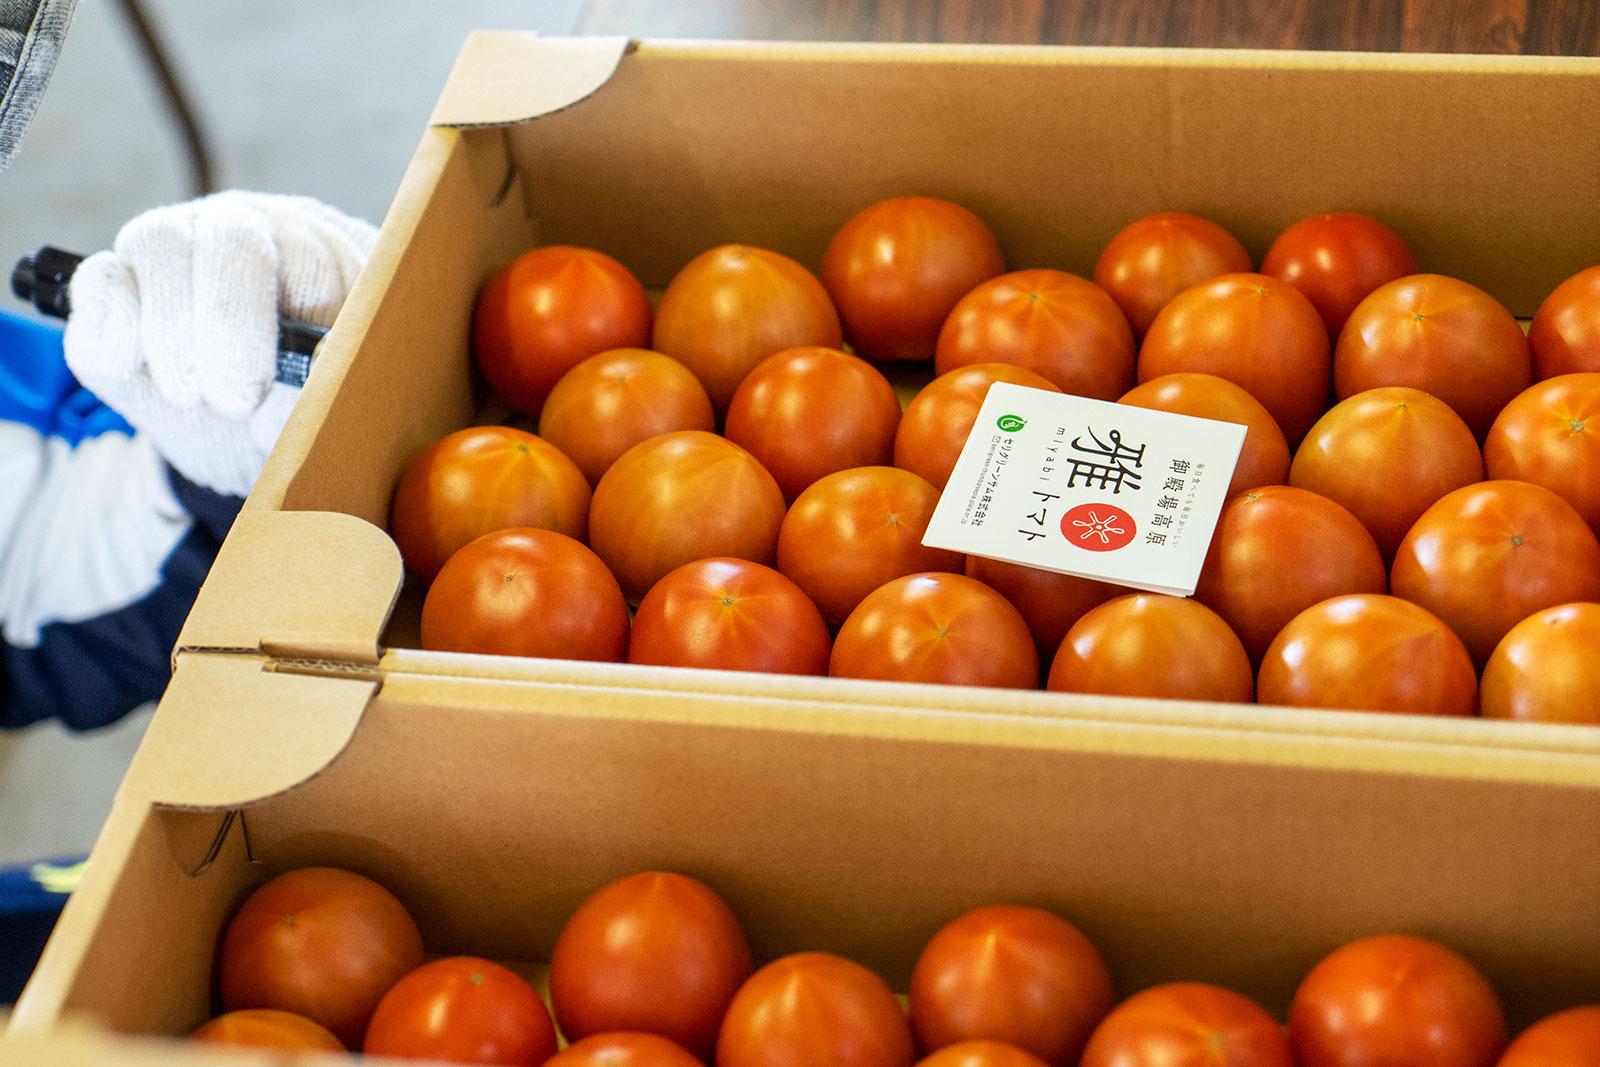 神奈川県での雅トマト販売情報です!